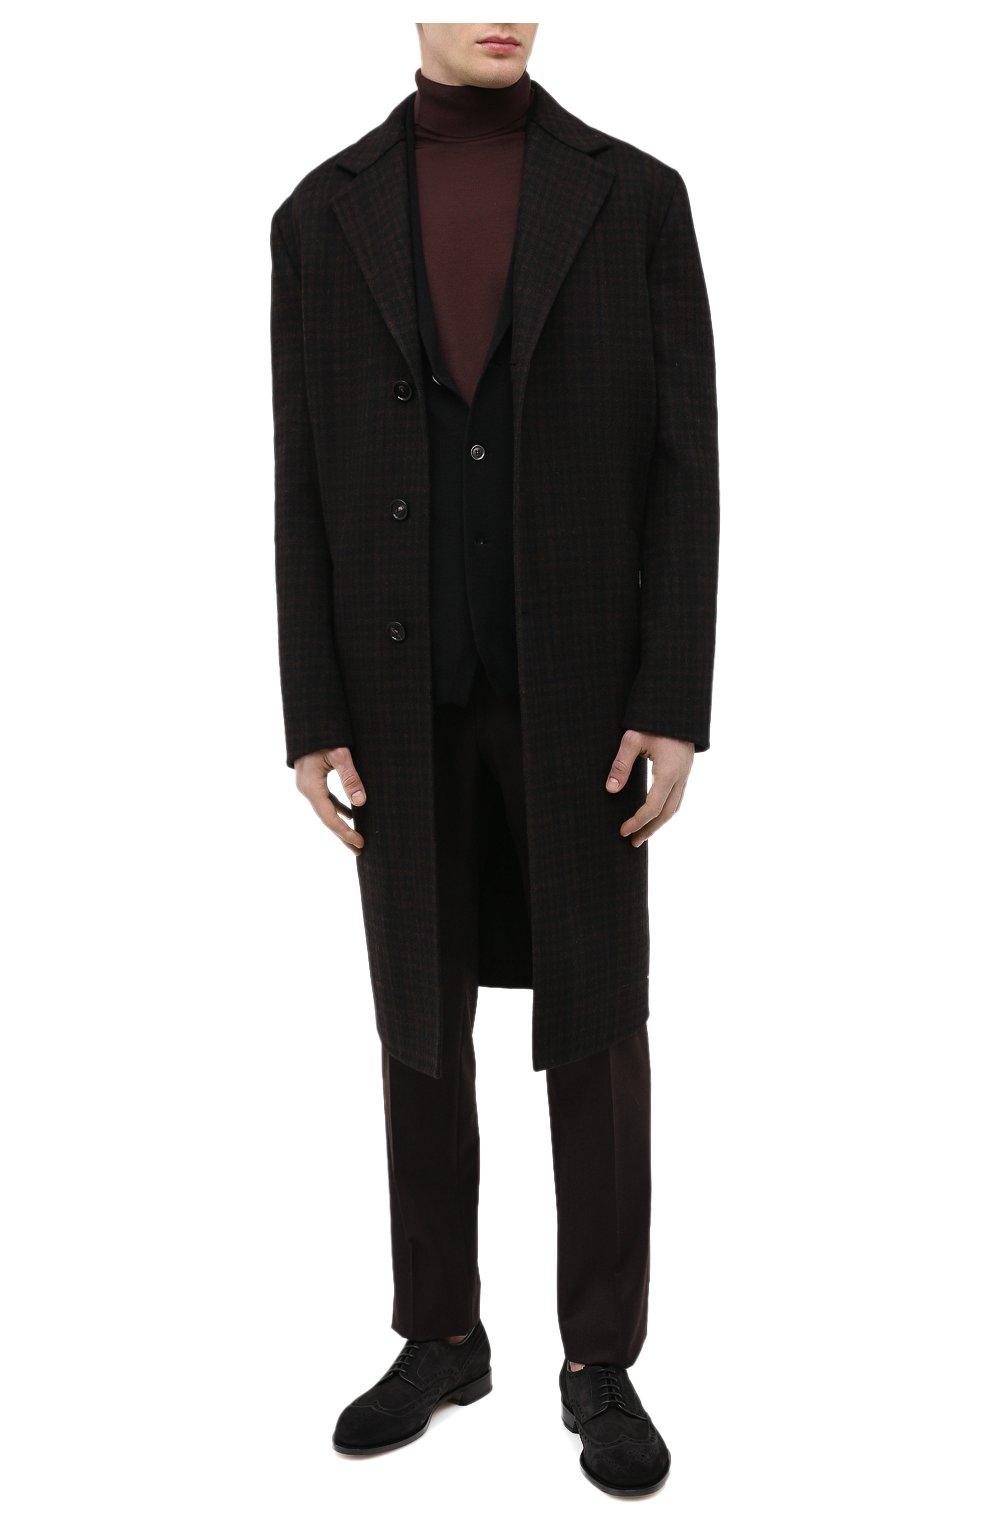 Мужской хлопковая водолазка JOHN SMEDLEY темно-коричневого цвета, арт. HAWLEY | Фото 2 (Рукава: Длинные; Принт: Без принта; Длина (для топов): Стандартные; Материал внешний: Хлопок; Мужское Кросс-КТ: Водолазка-одежда; Стили: Кэжуэл)